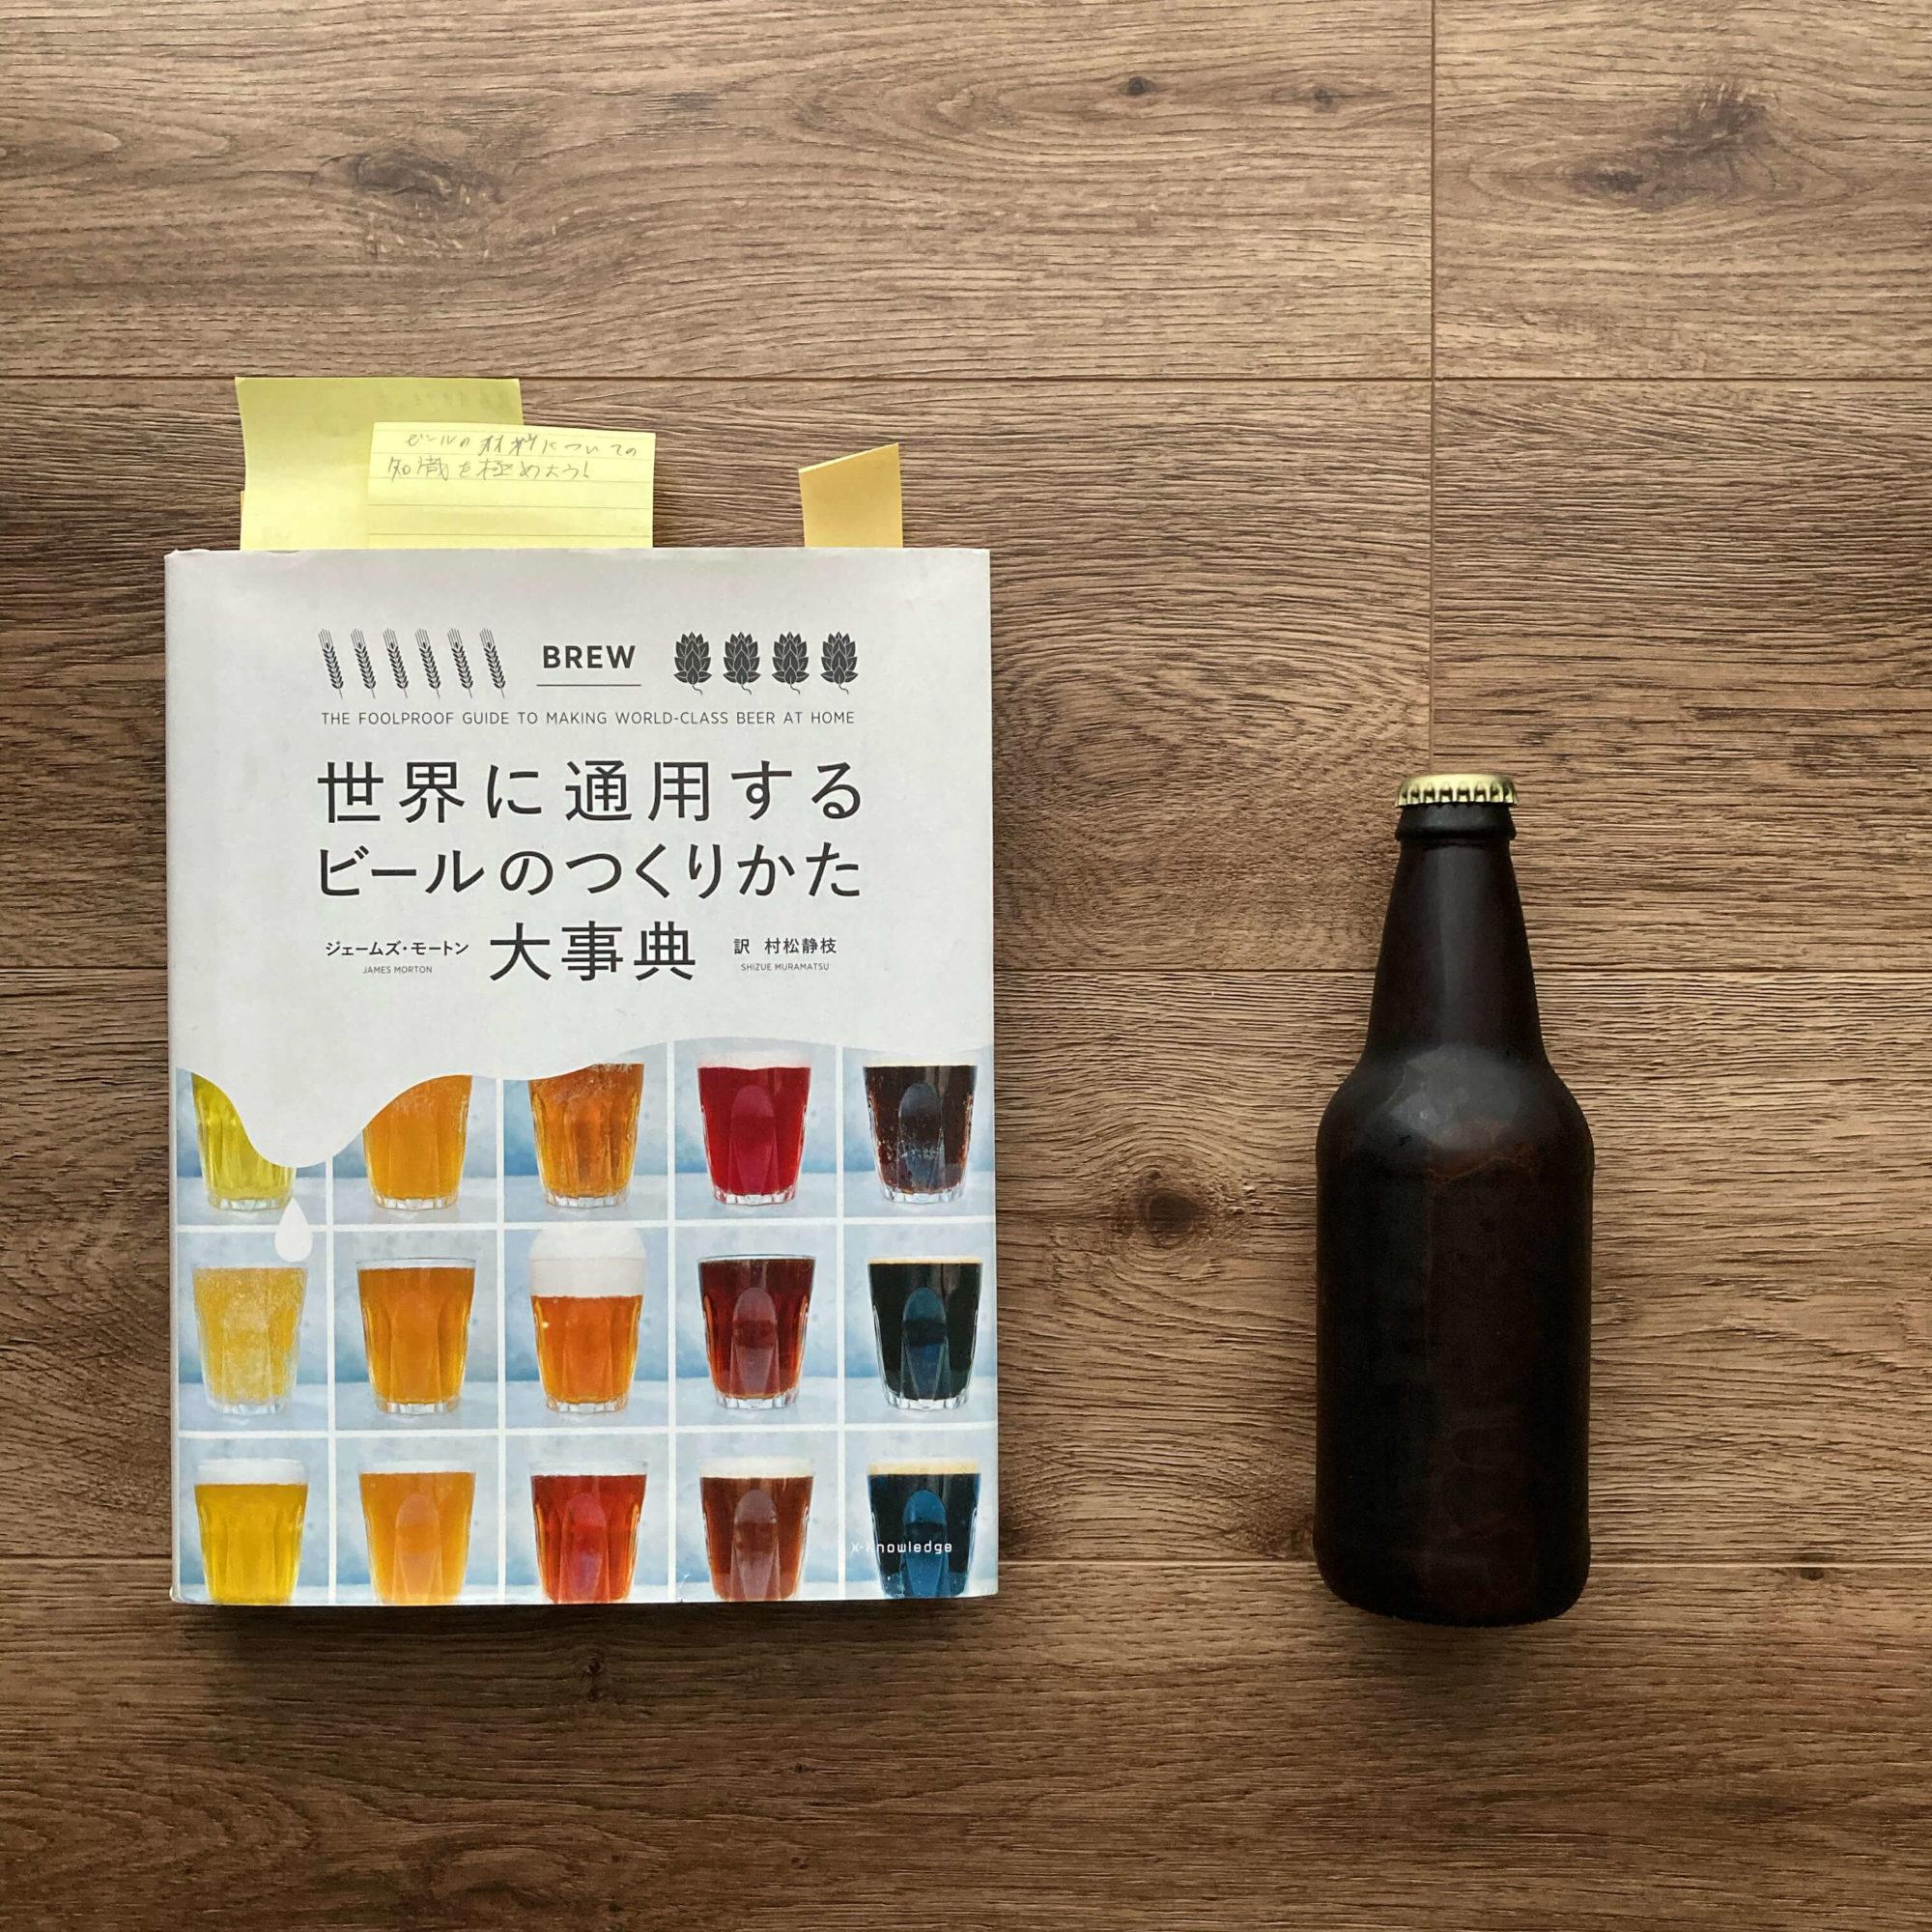 世界に通用するビールのつくりかた大辞典という書籍の写真